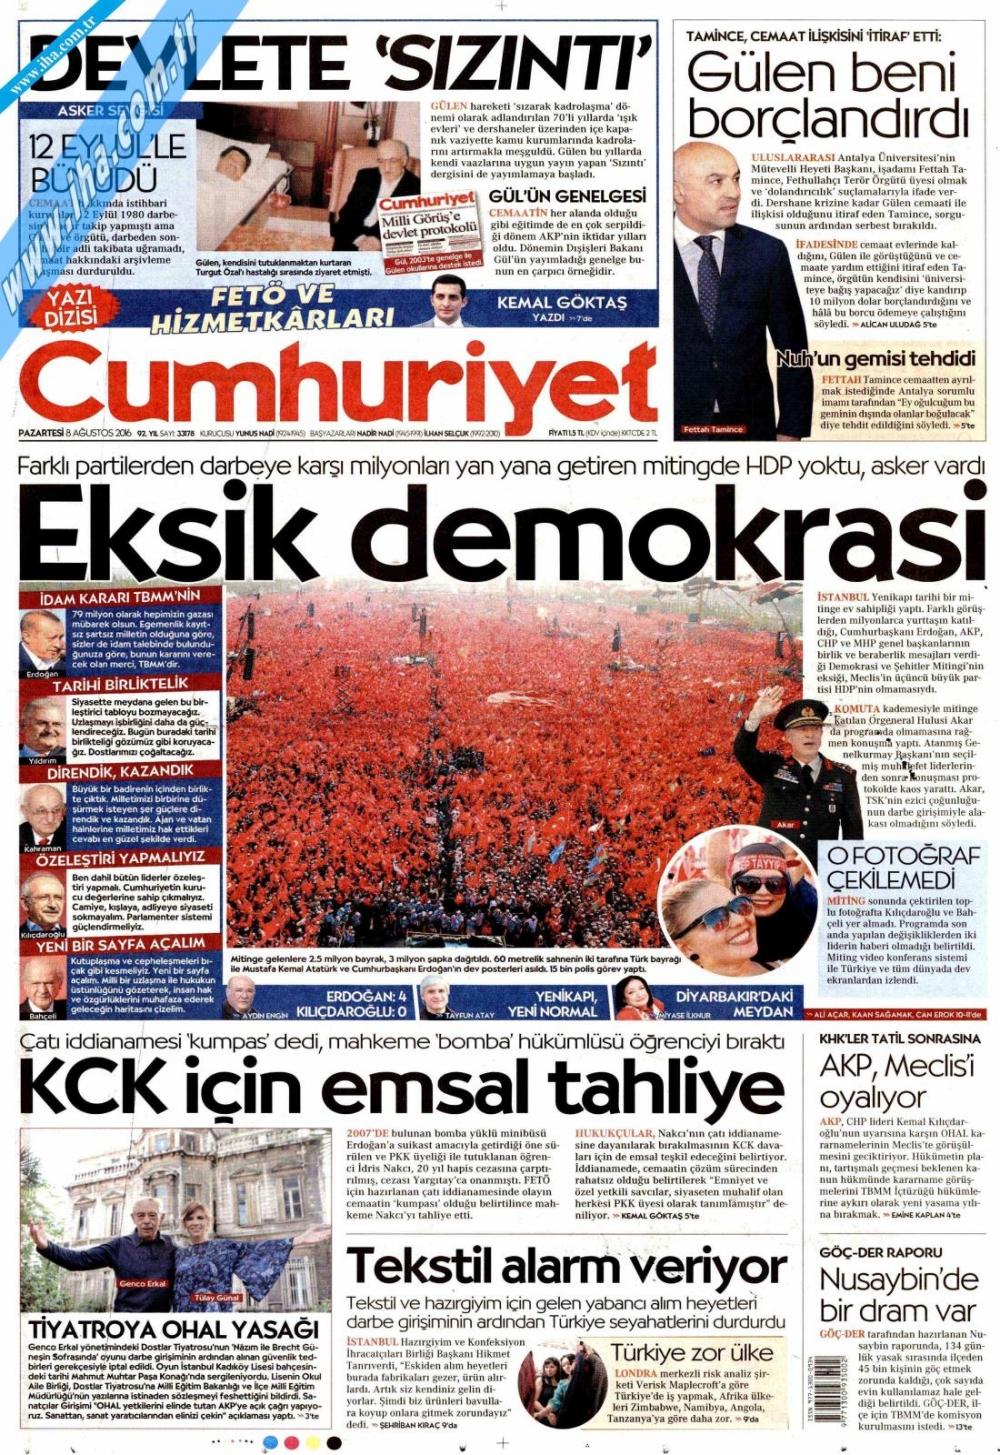 Gazeteler tarihi Yenikapı Mitingi'ni böyle gördü 3